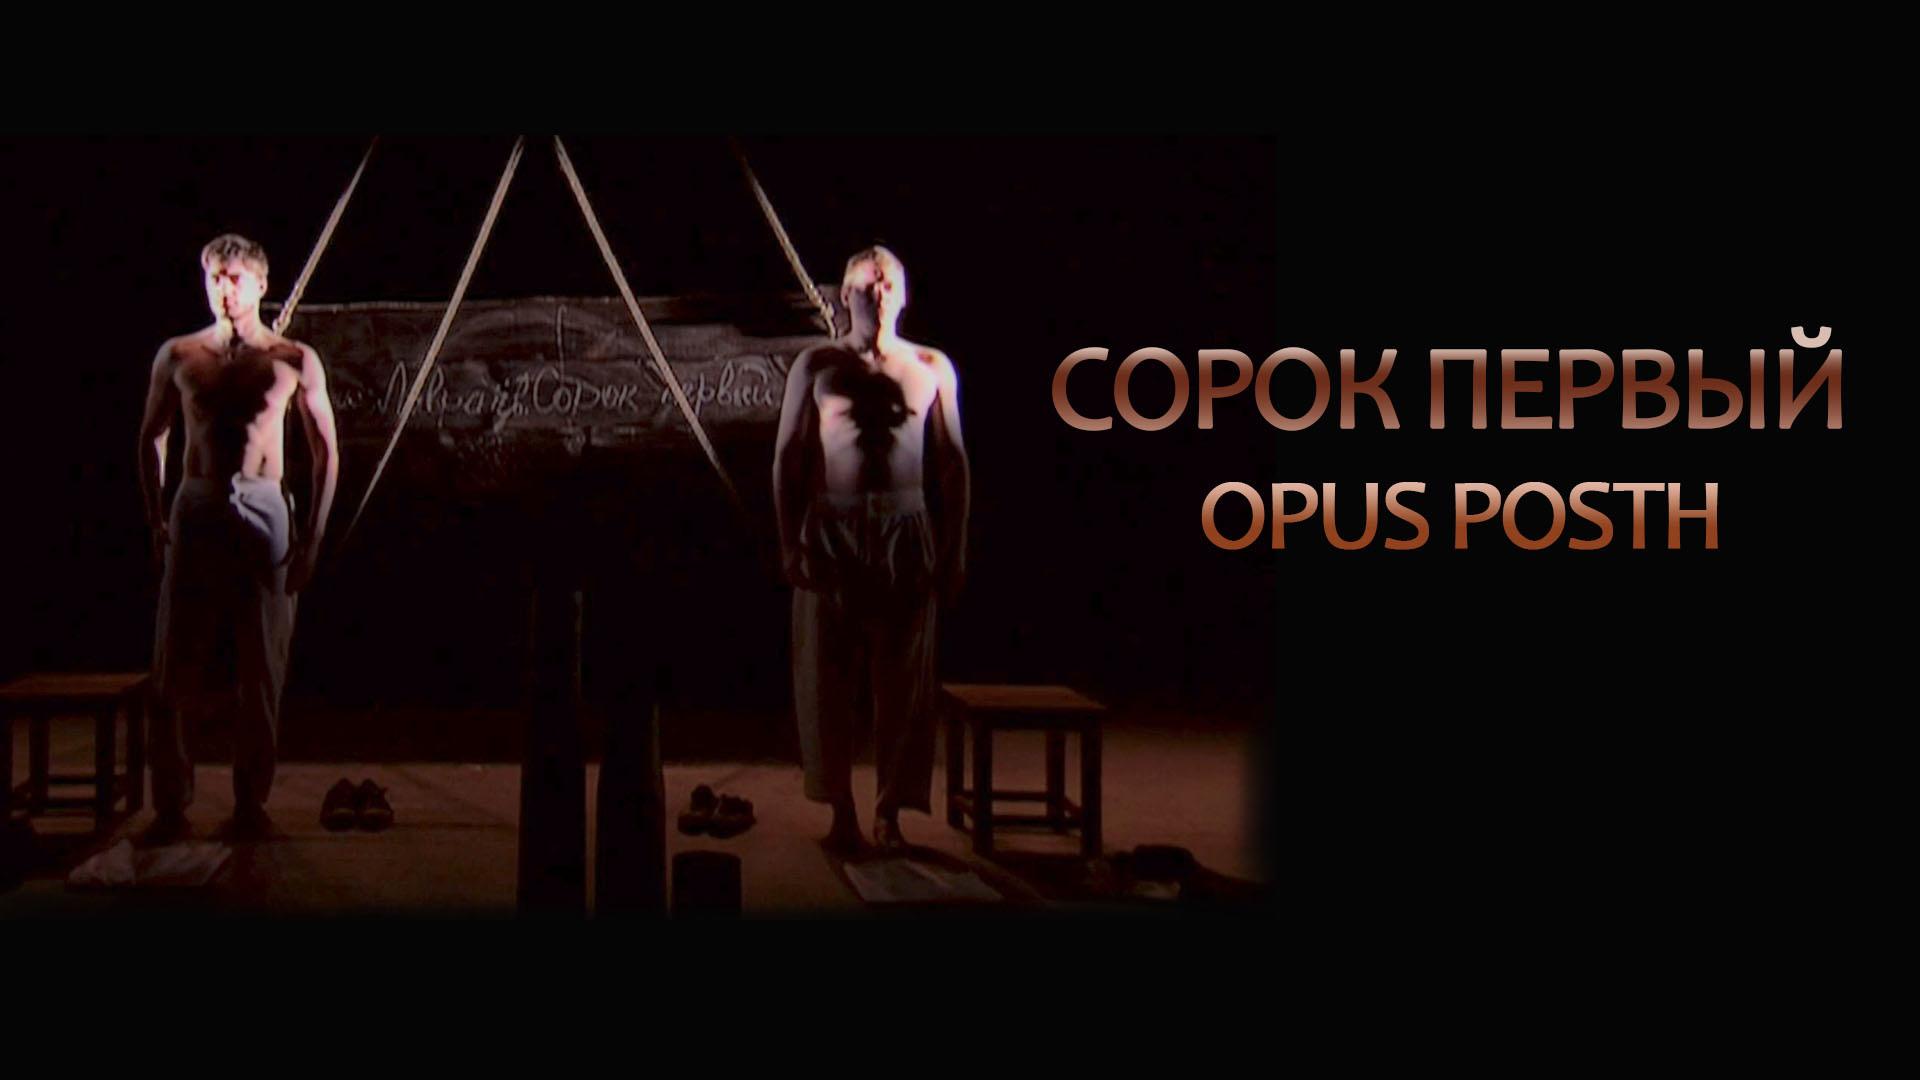 Сорок первый. Opus Posth